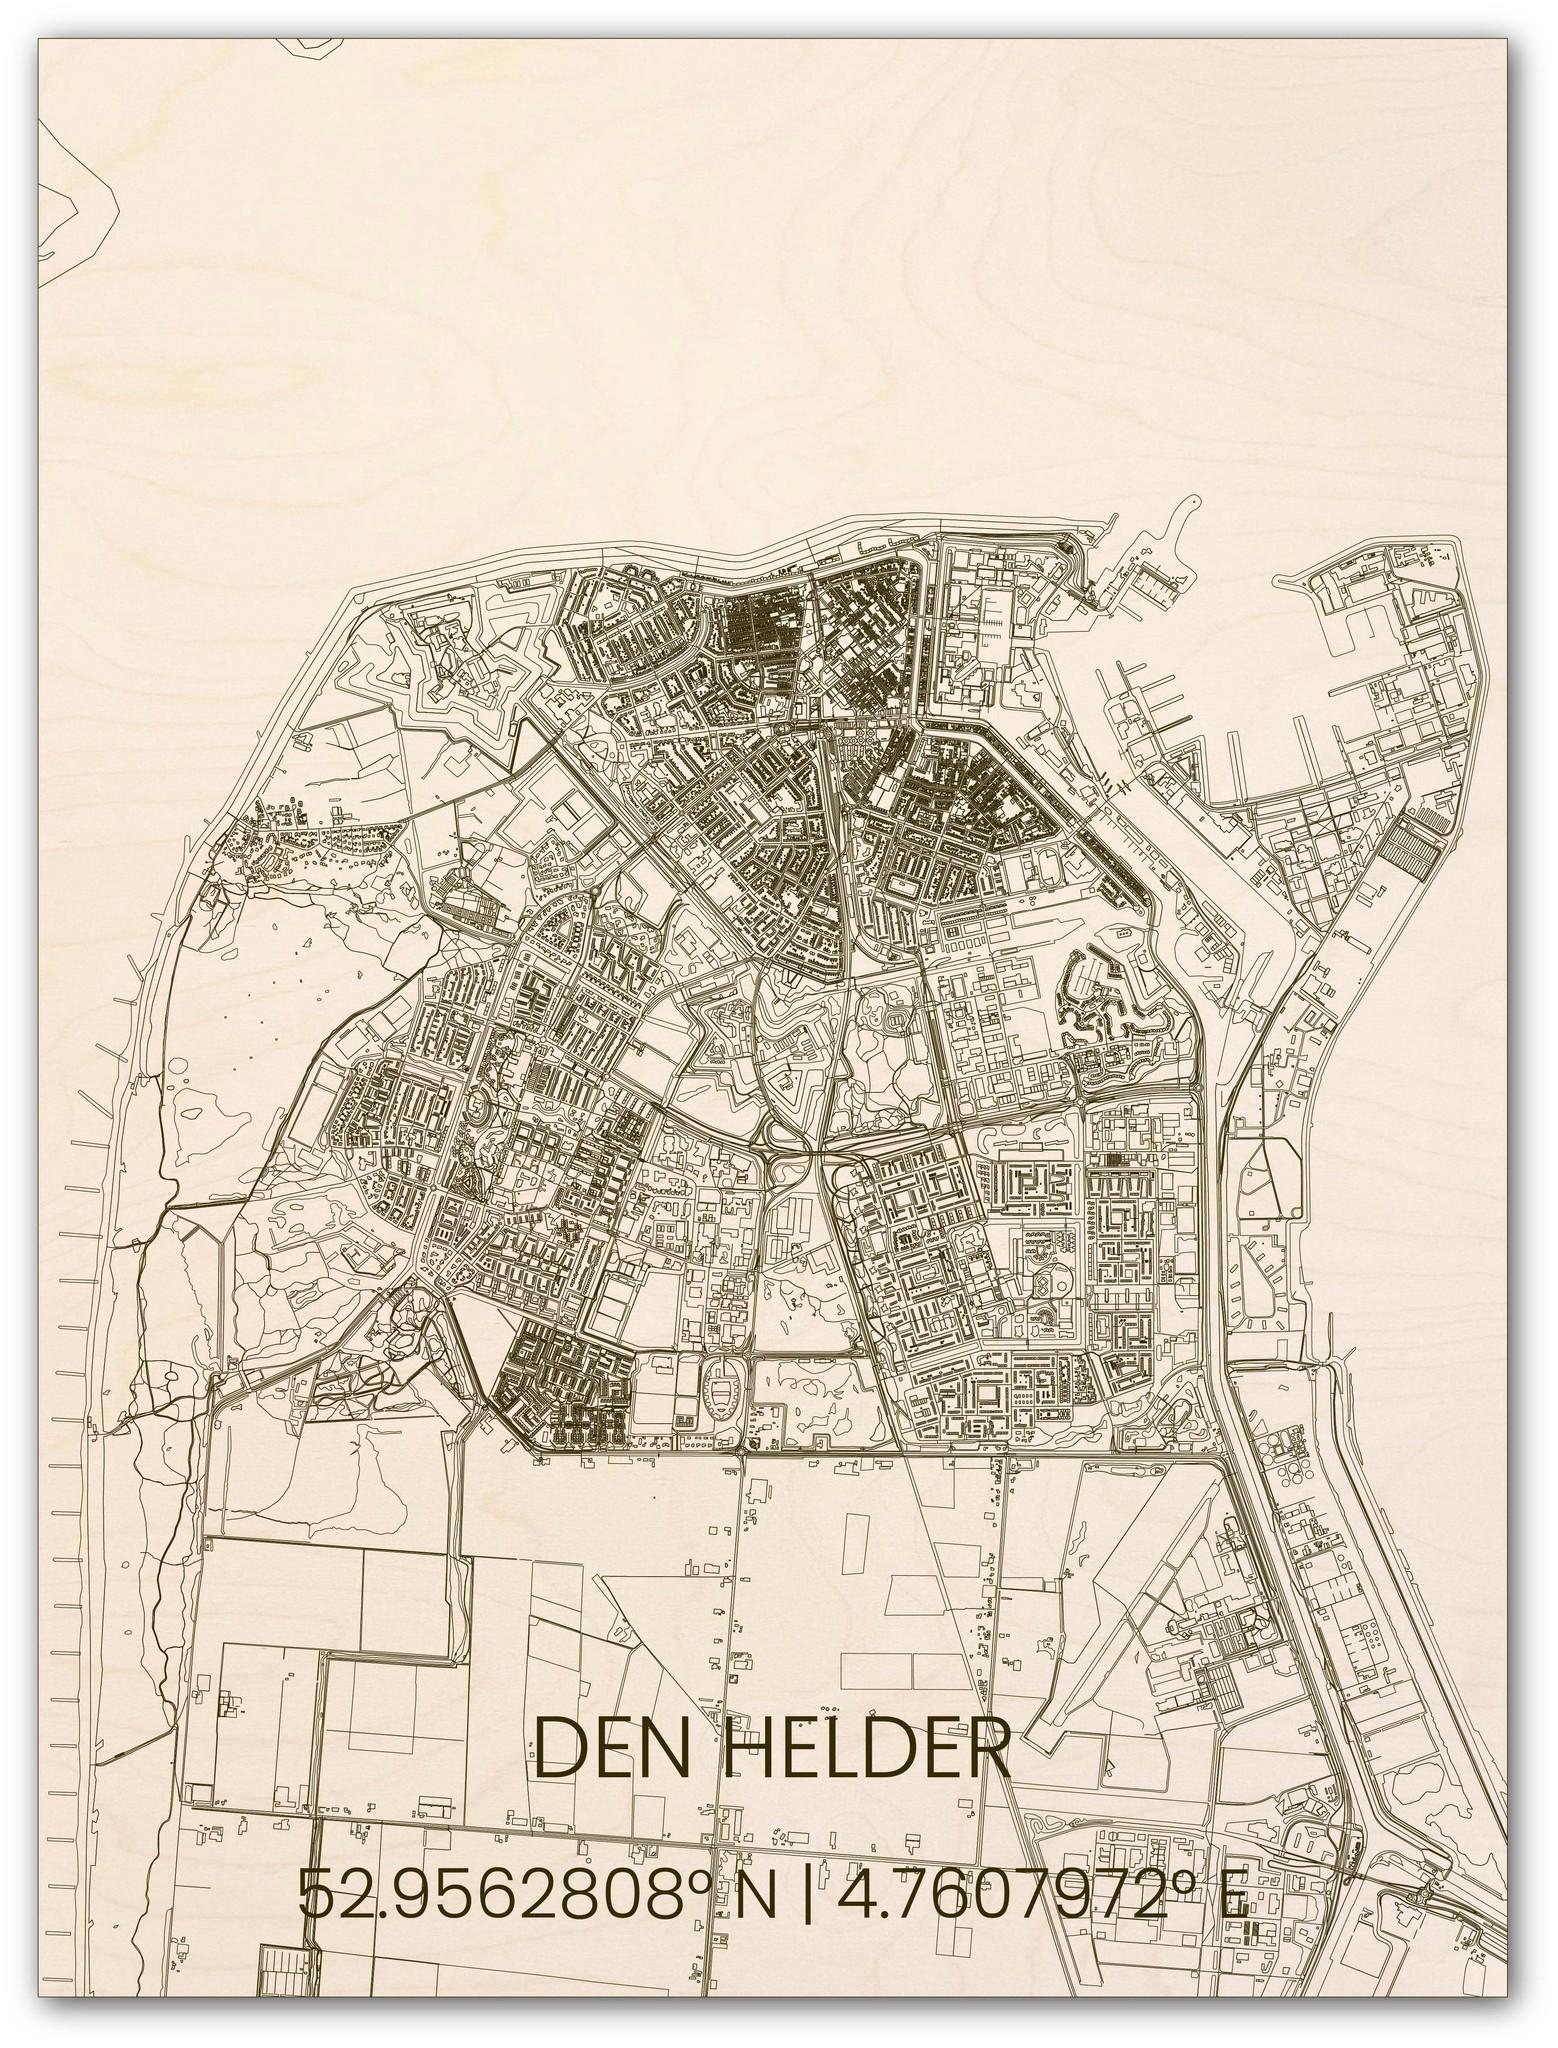 Houten stadsplattegrond Den Helder-1